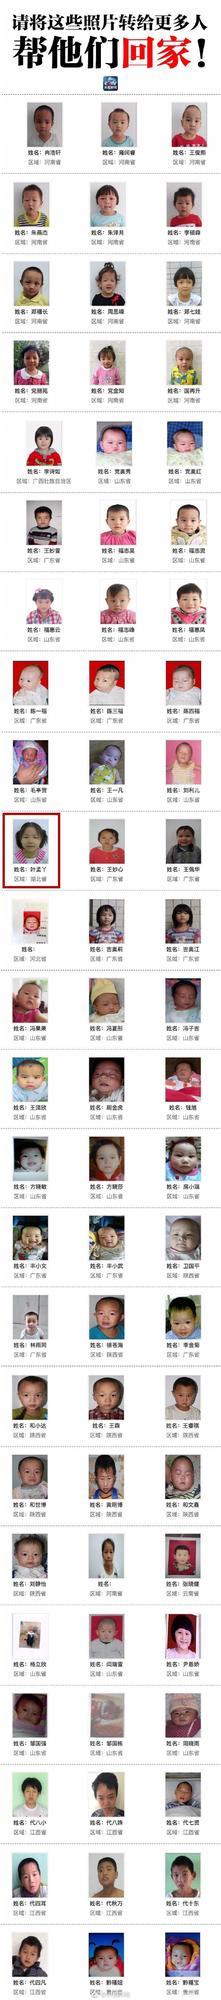 622名被拐儿童解救名单公布 其中多名来自湖北